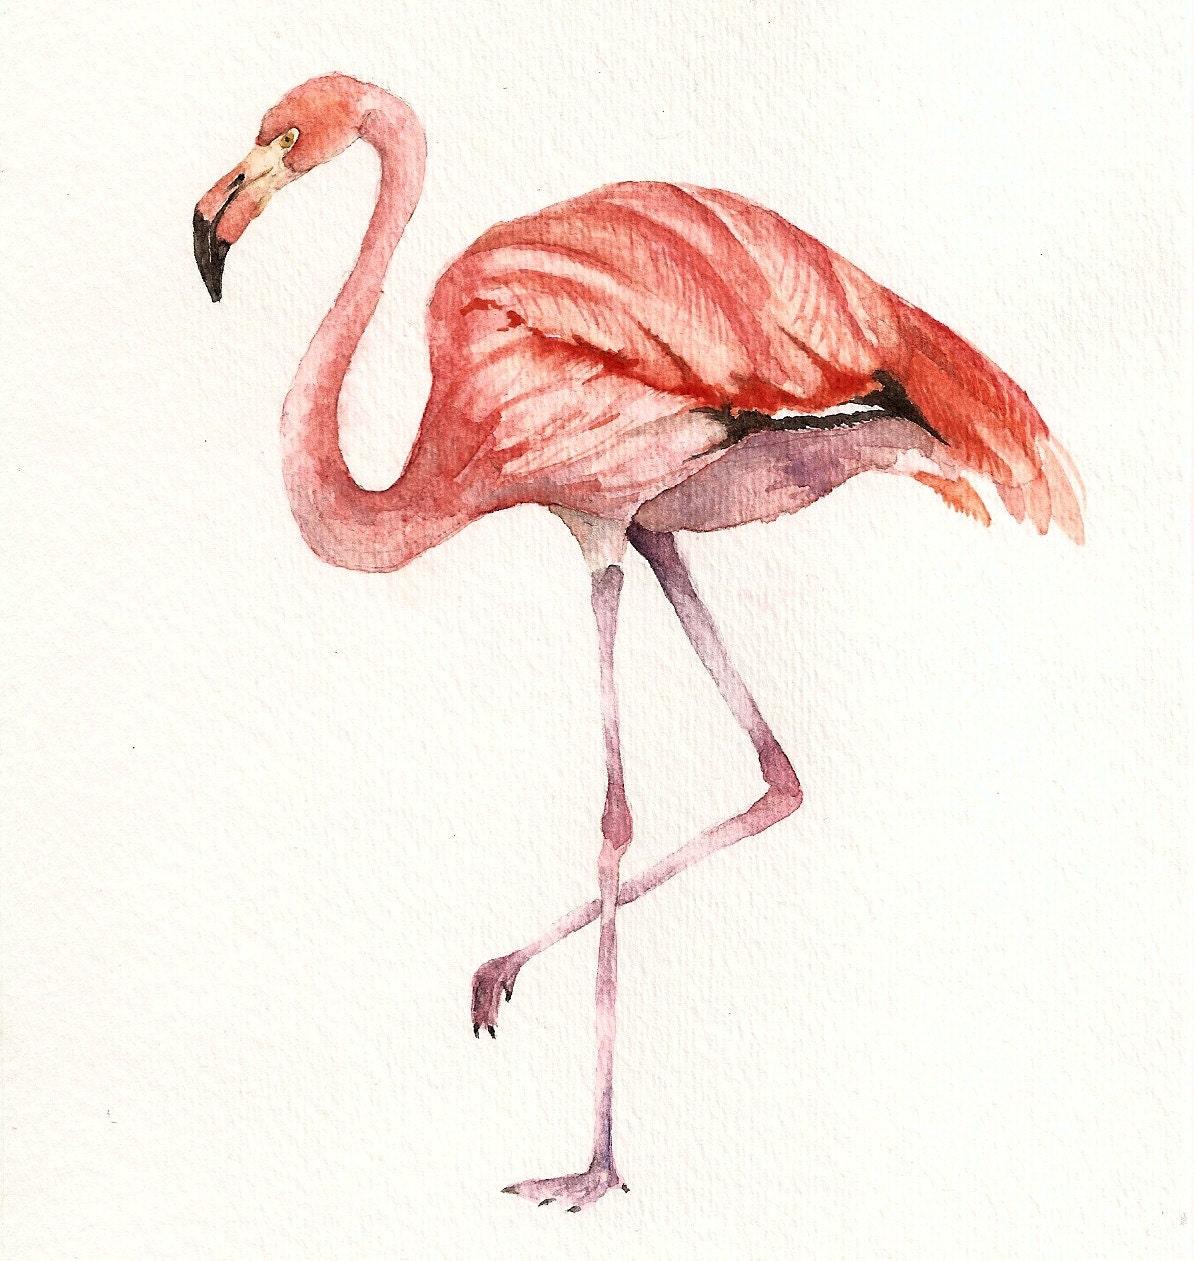 PInk Flamingo Original Watercolor Painting